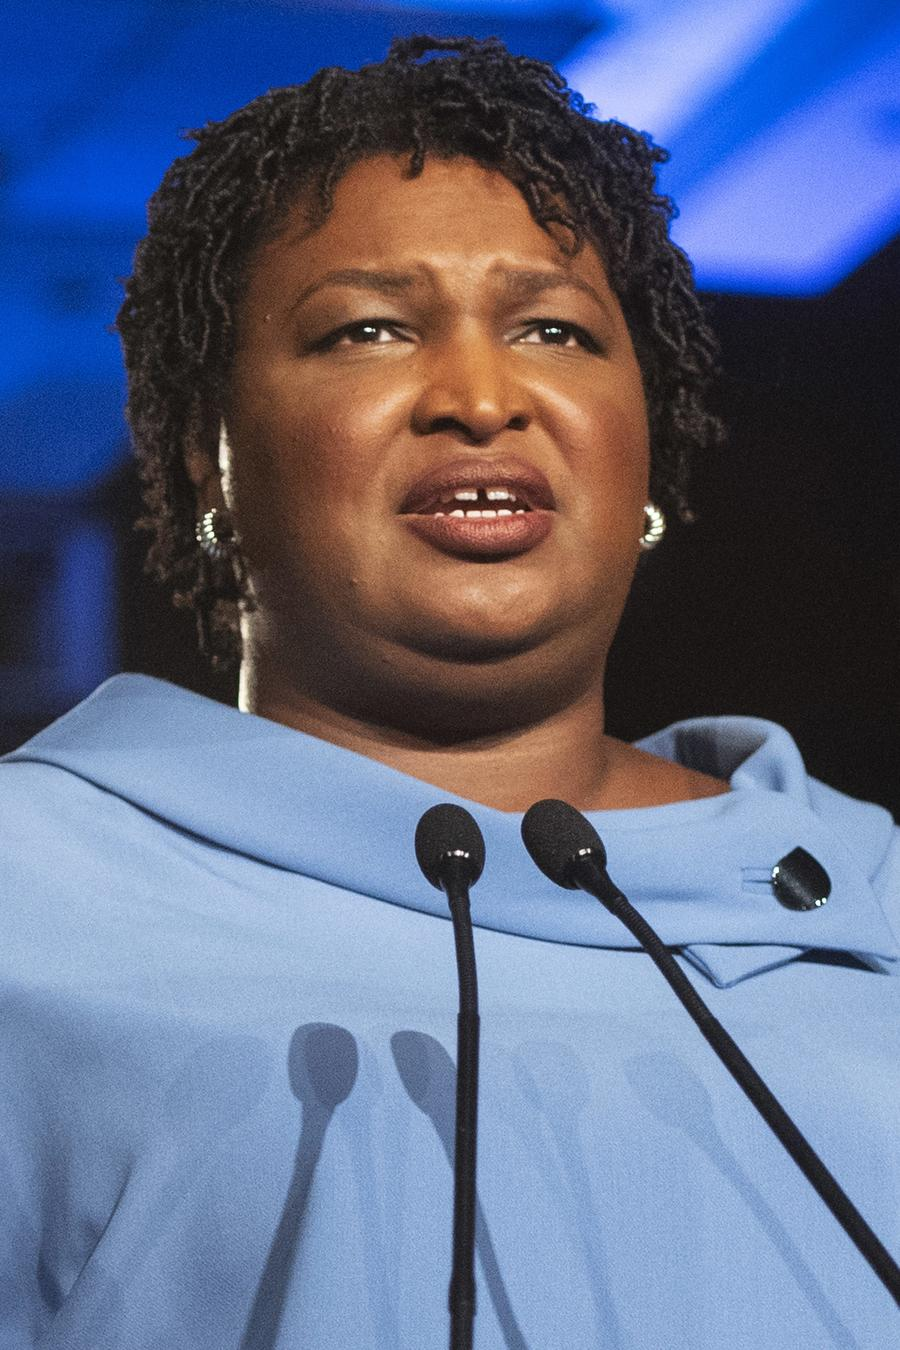 Stacey Abrams, candidata demócrata a la gubernatura de Georgia, dirigiéndose a sus simpatizantes la noche de la elección el 6 fr noviembre